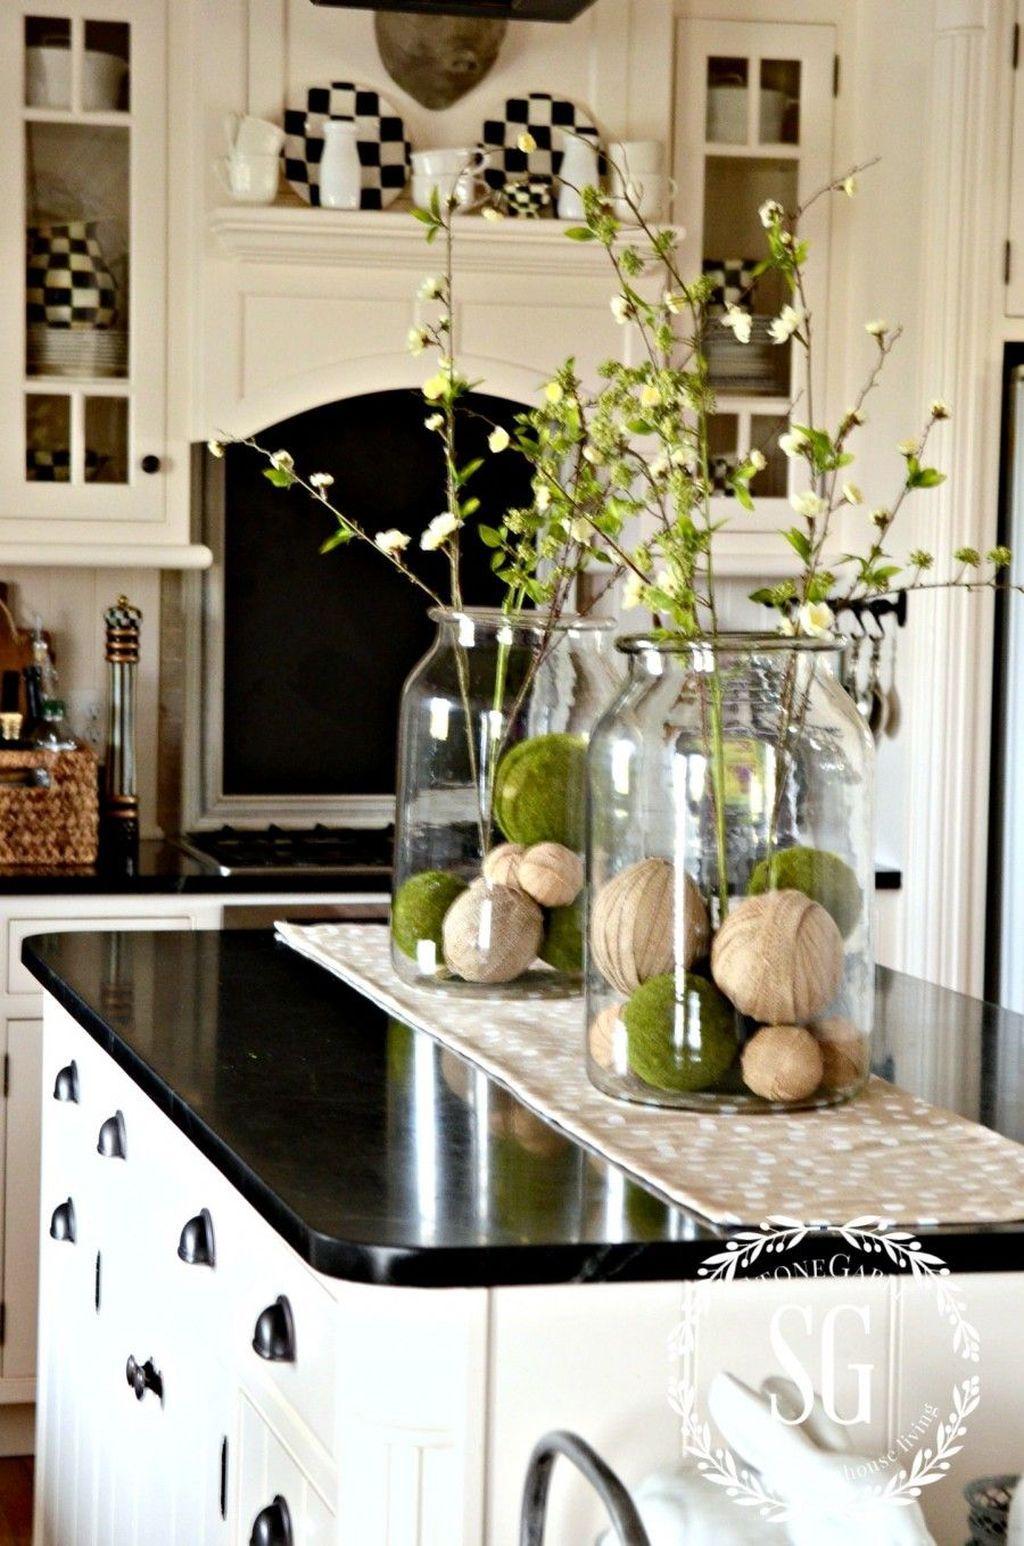 30+ Simple And Beauty Farmhouse Table Décor Ideas ... on Farmhouse Kitchen Counter Decor Ideas  id=58941